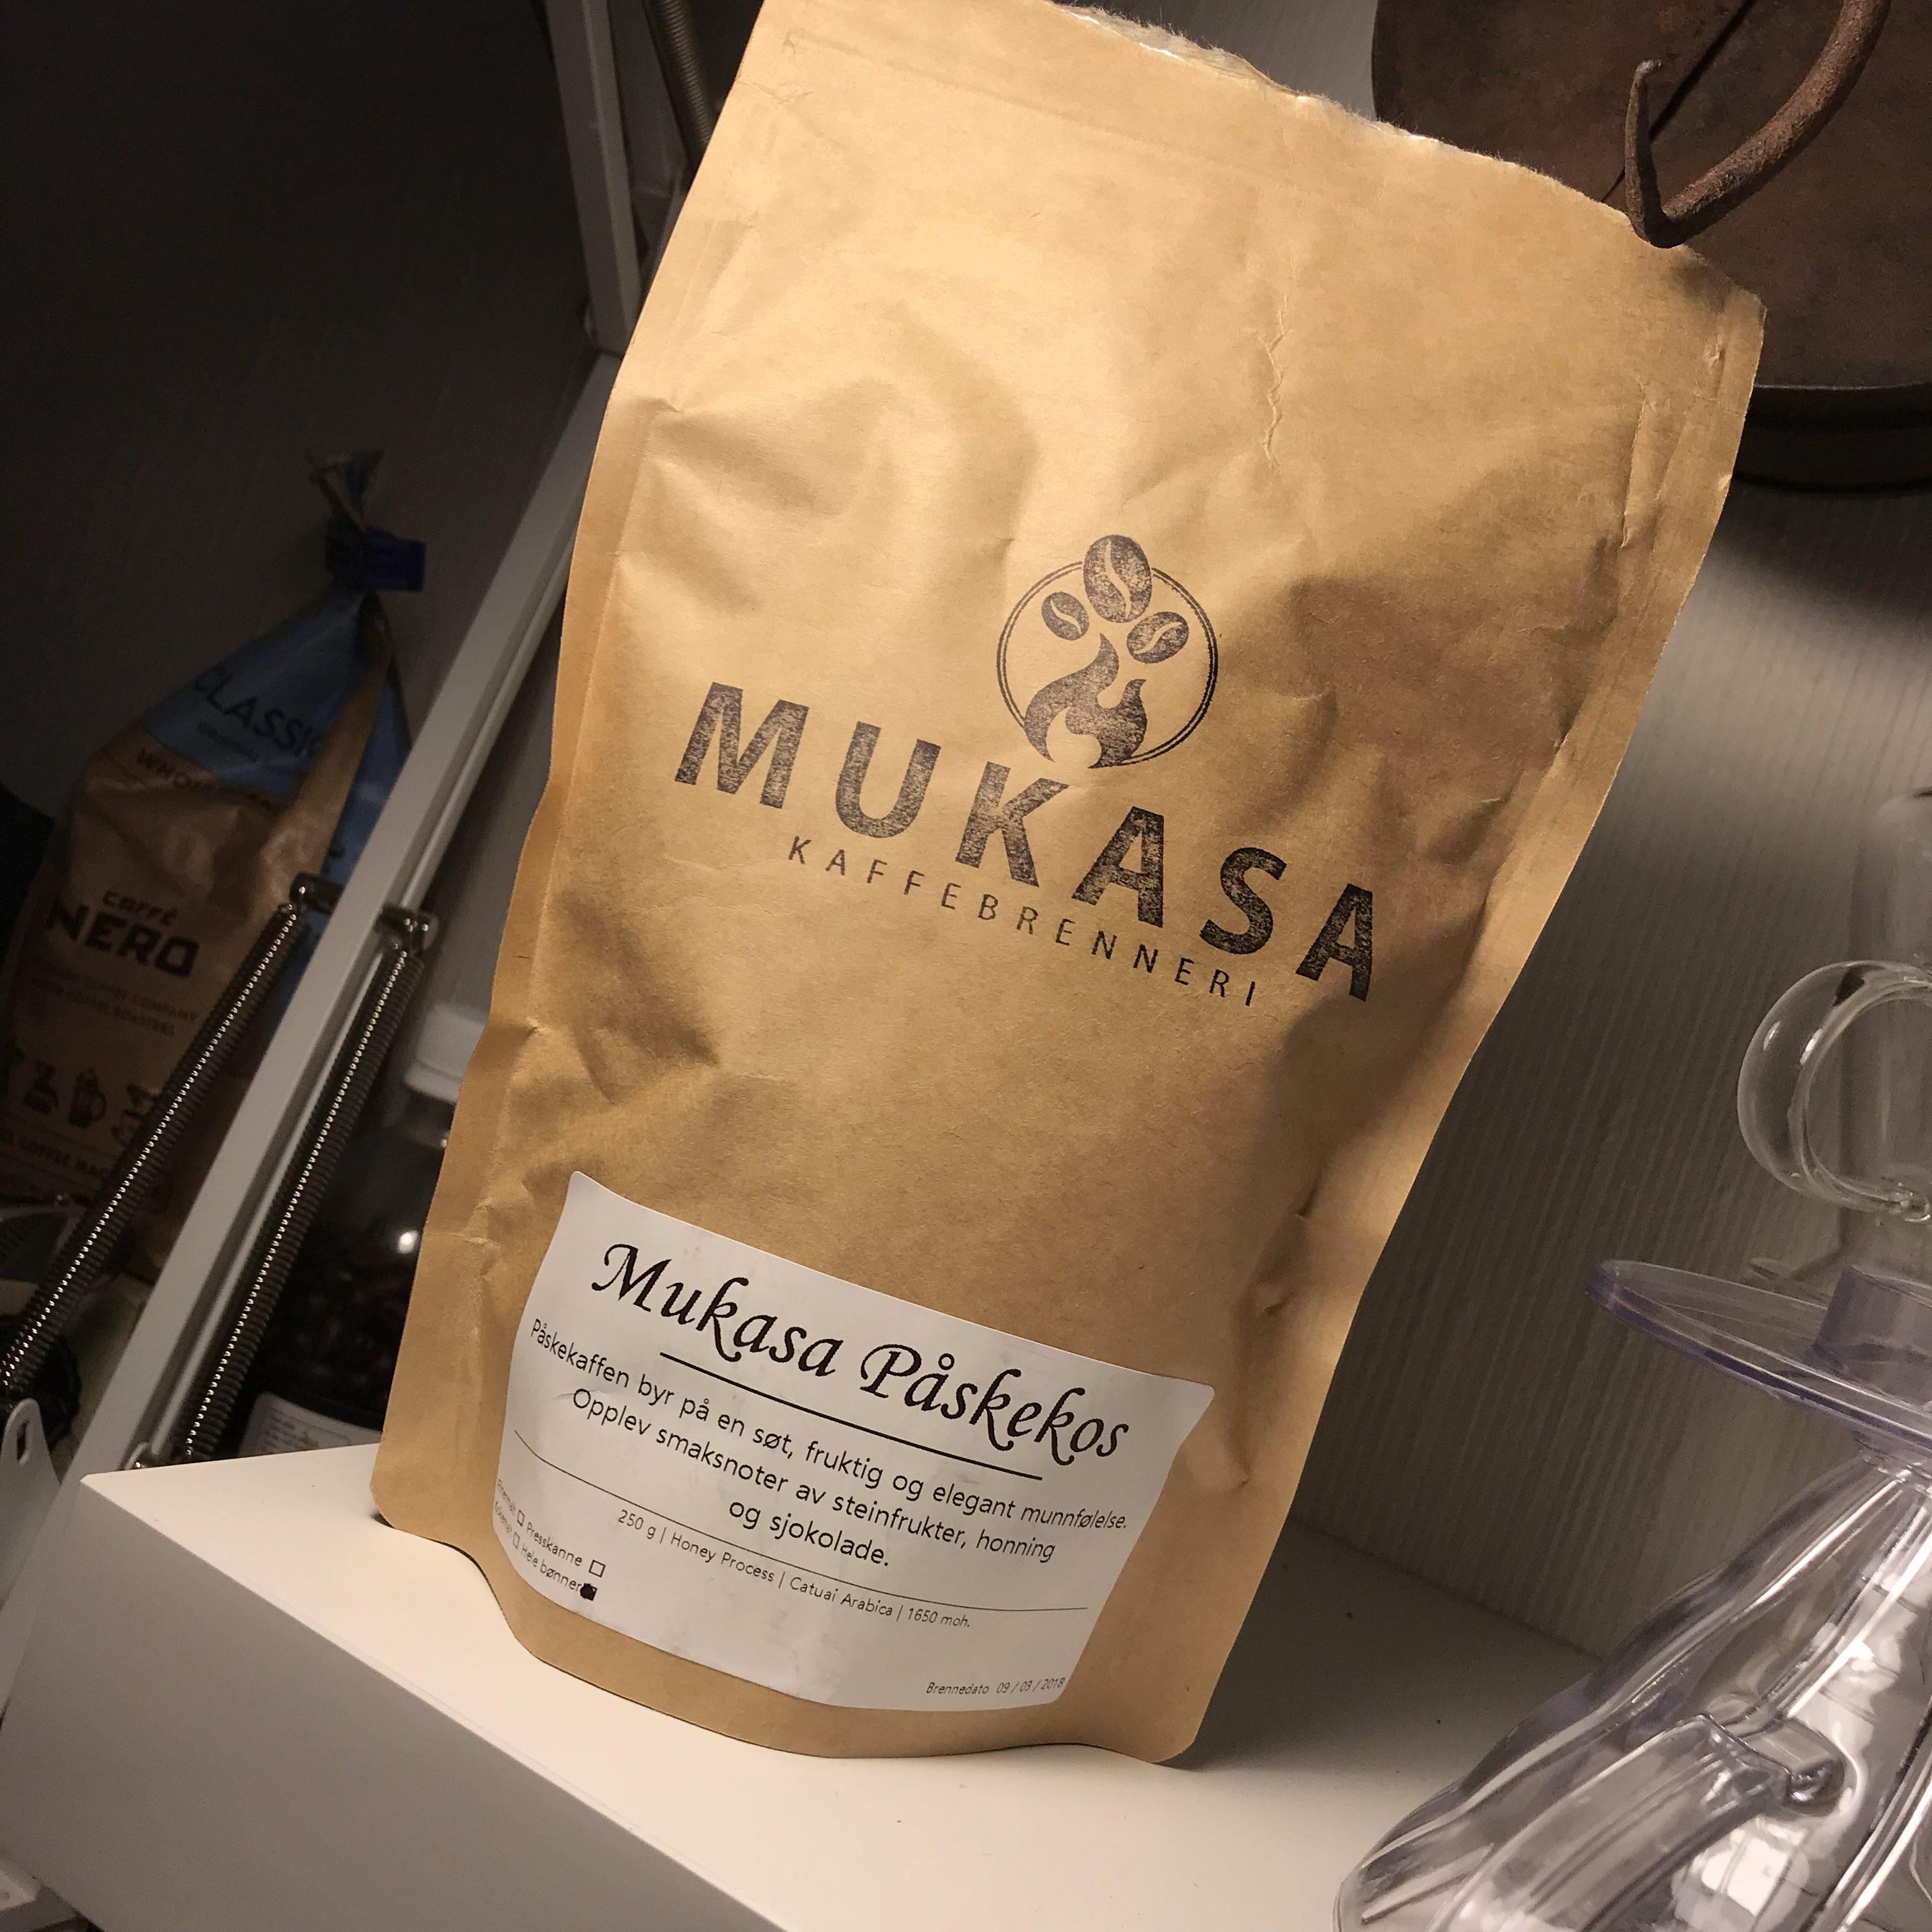 Mukasa Påskekos